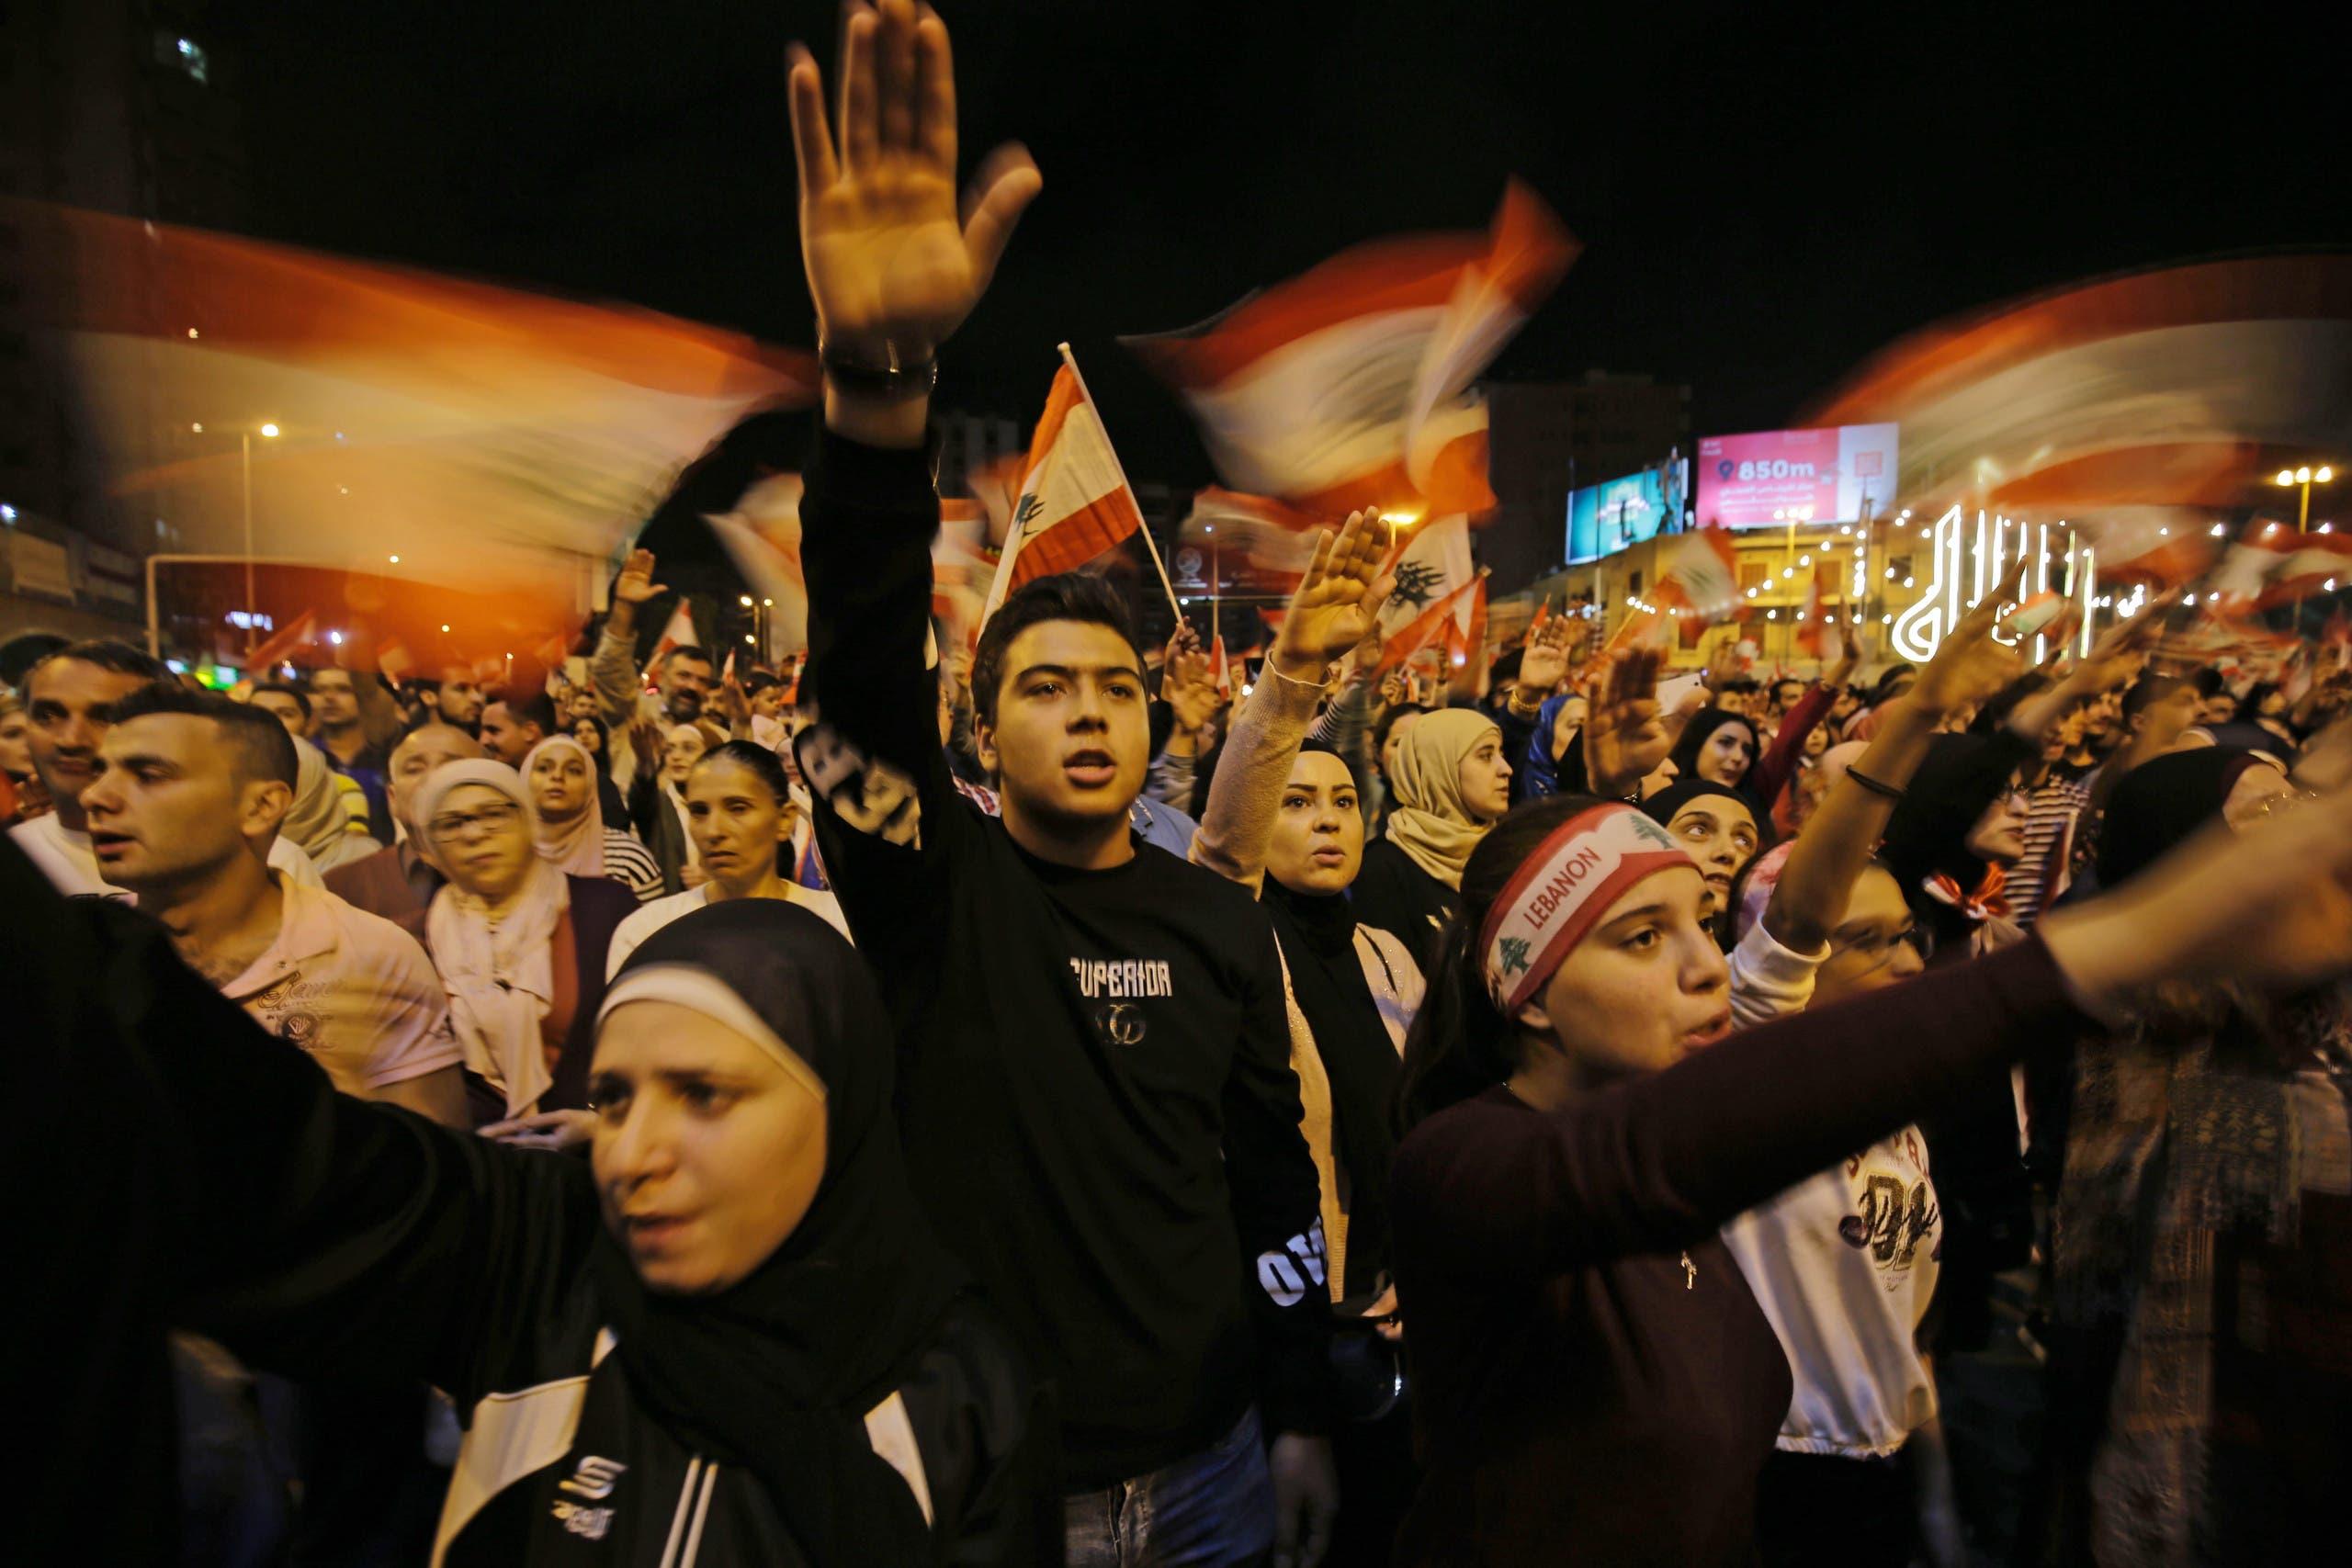 من احتجاجات طرابلس